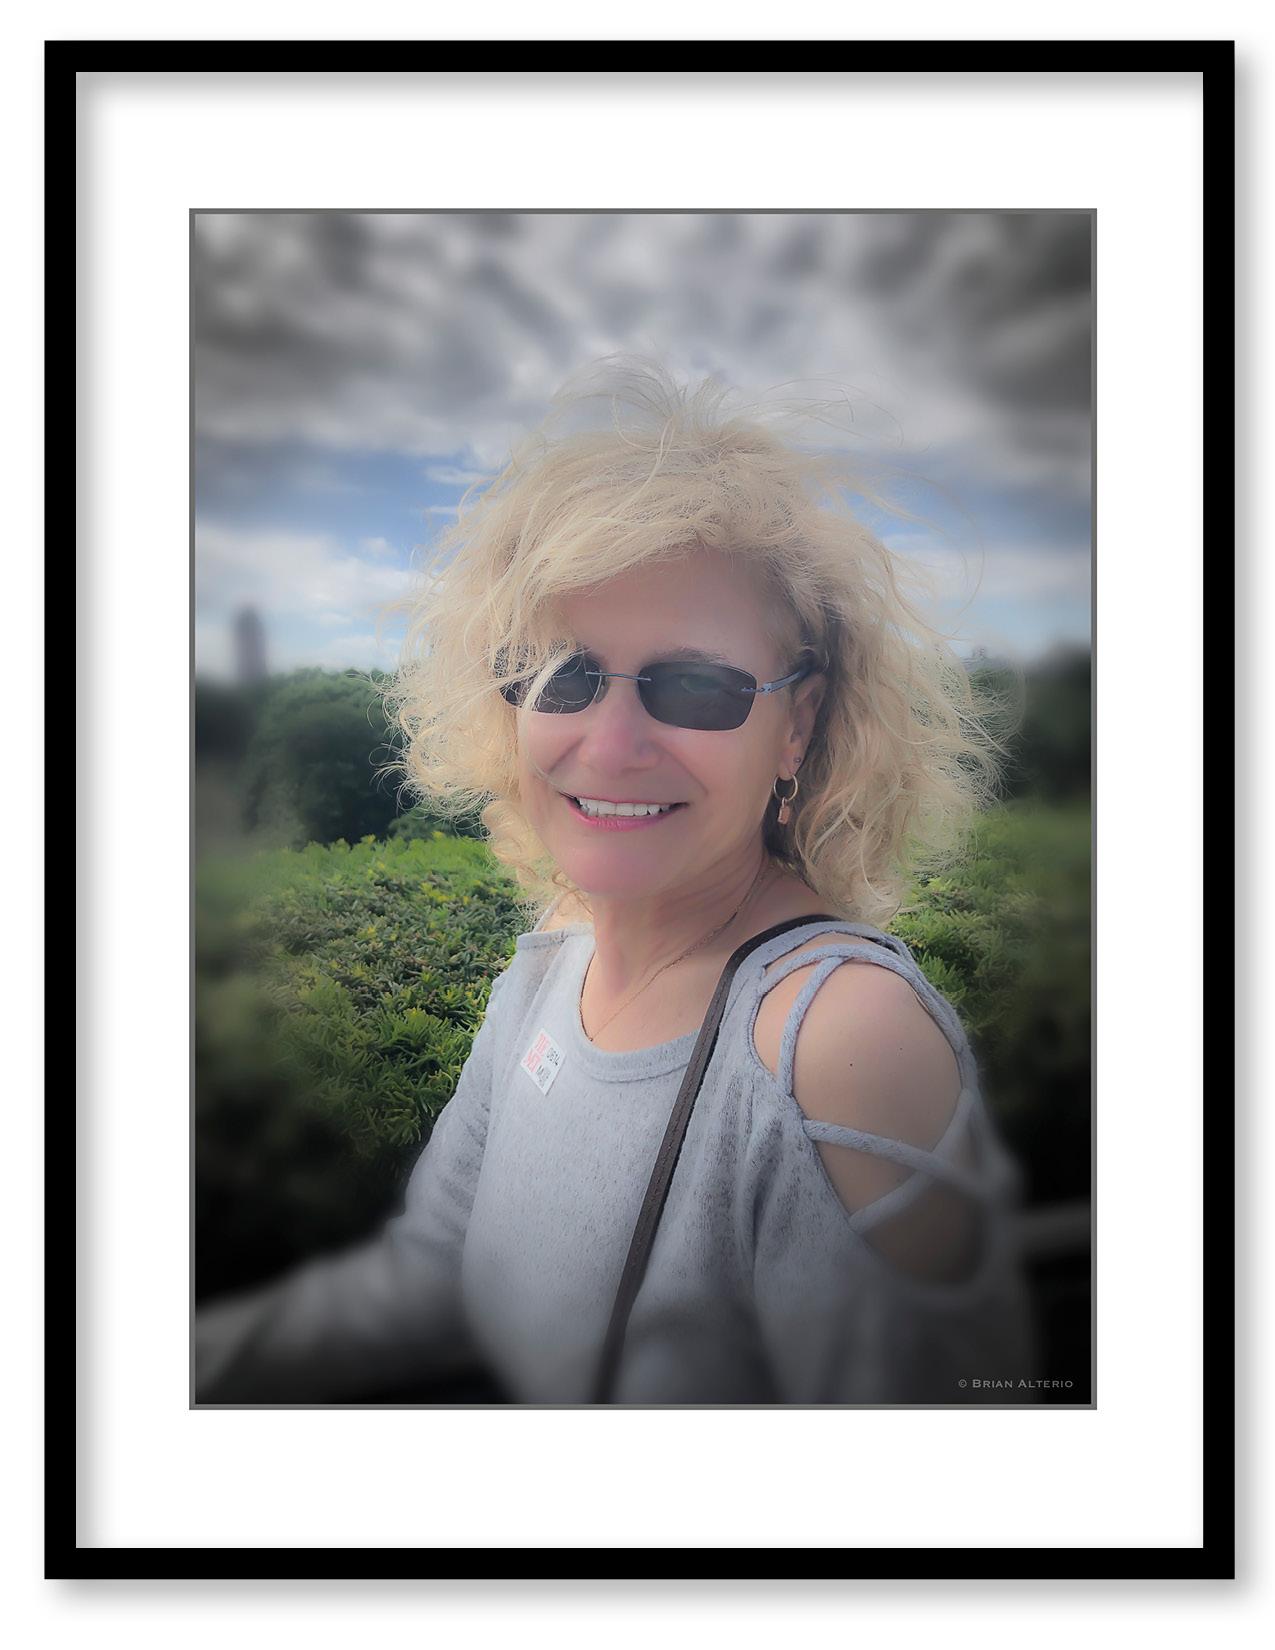 Connie @ Met Roof Framed.jpg